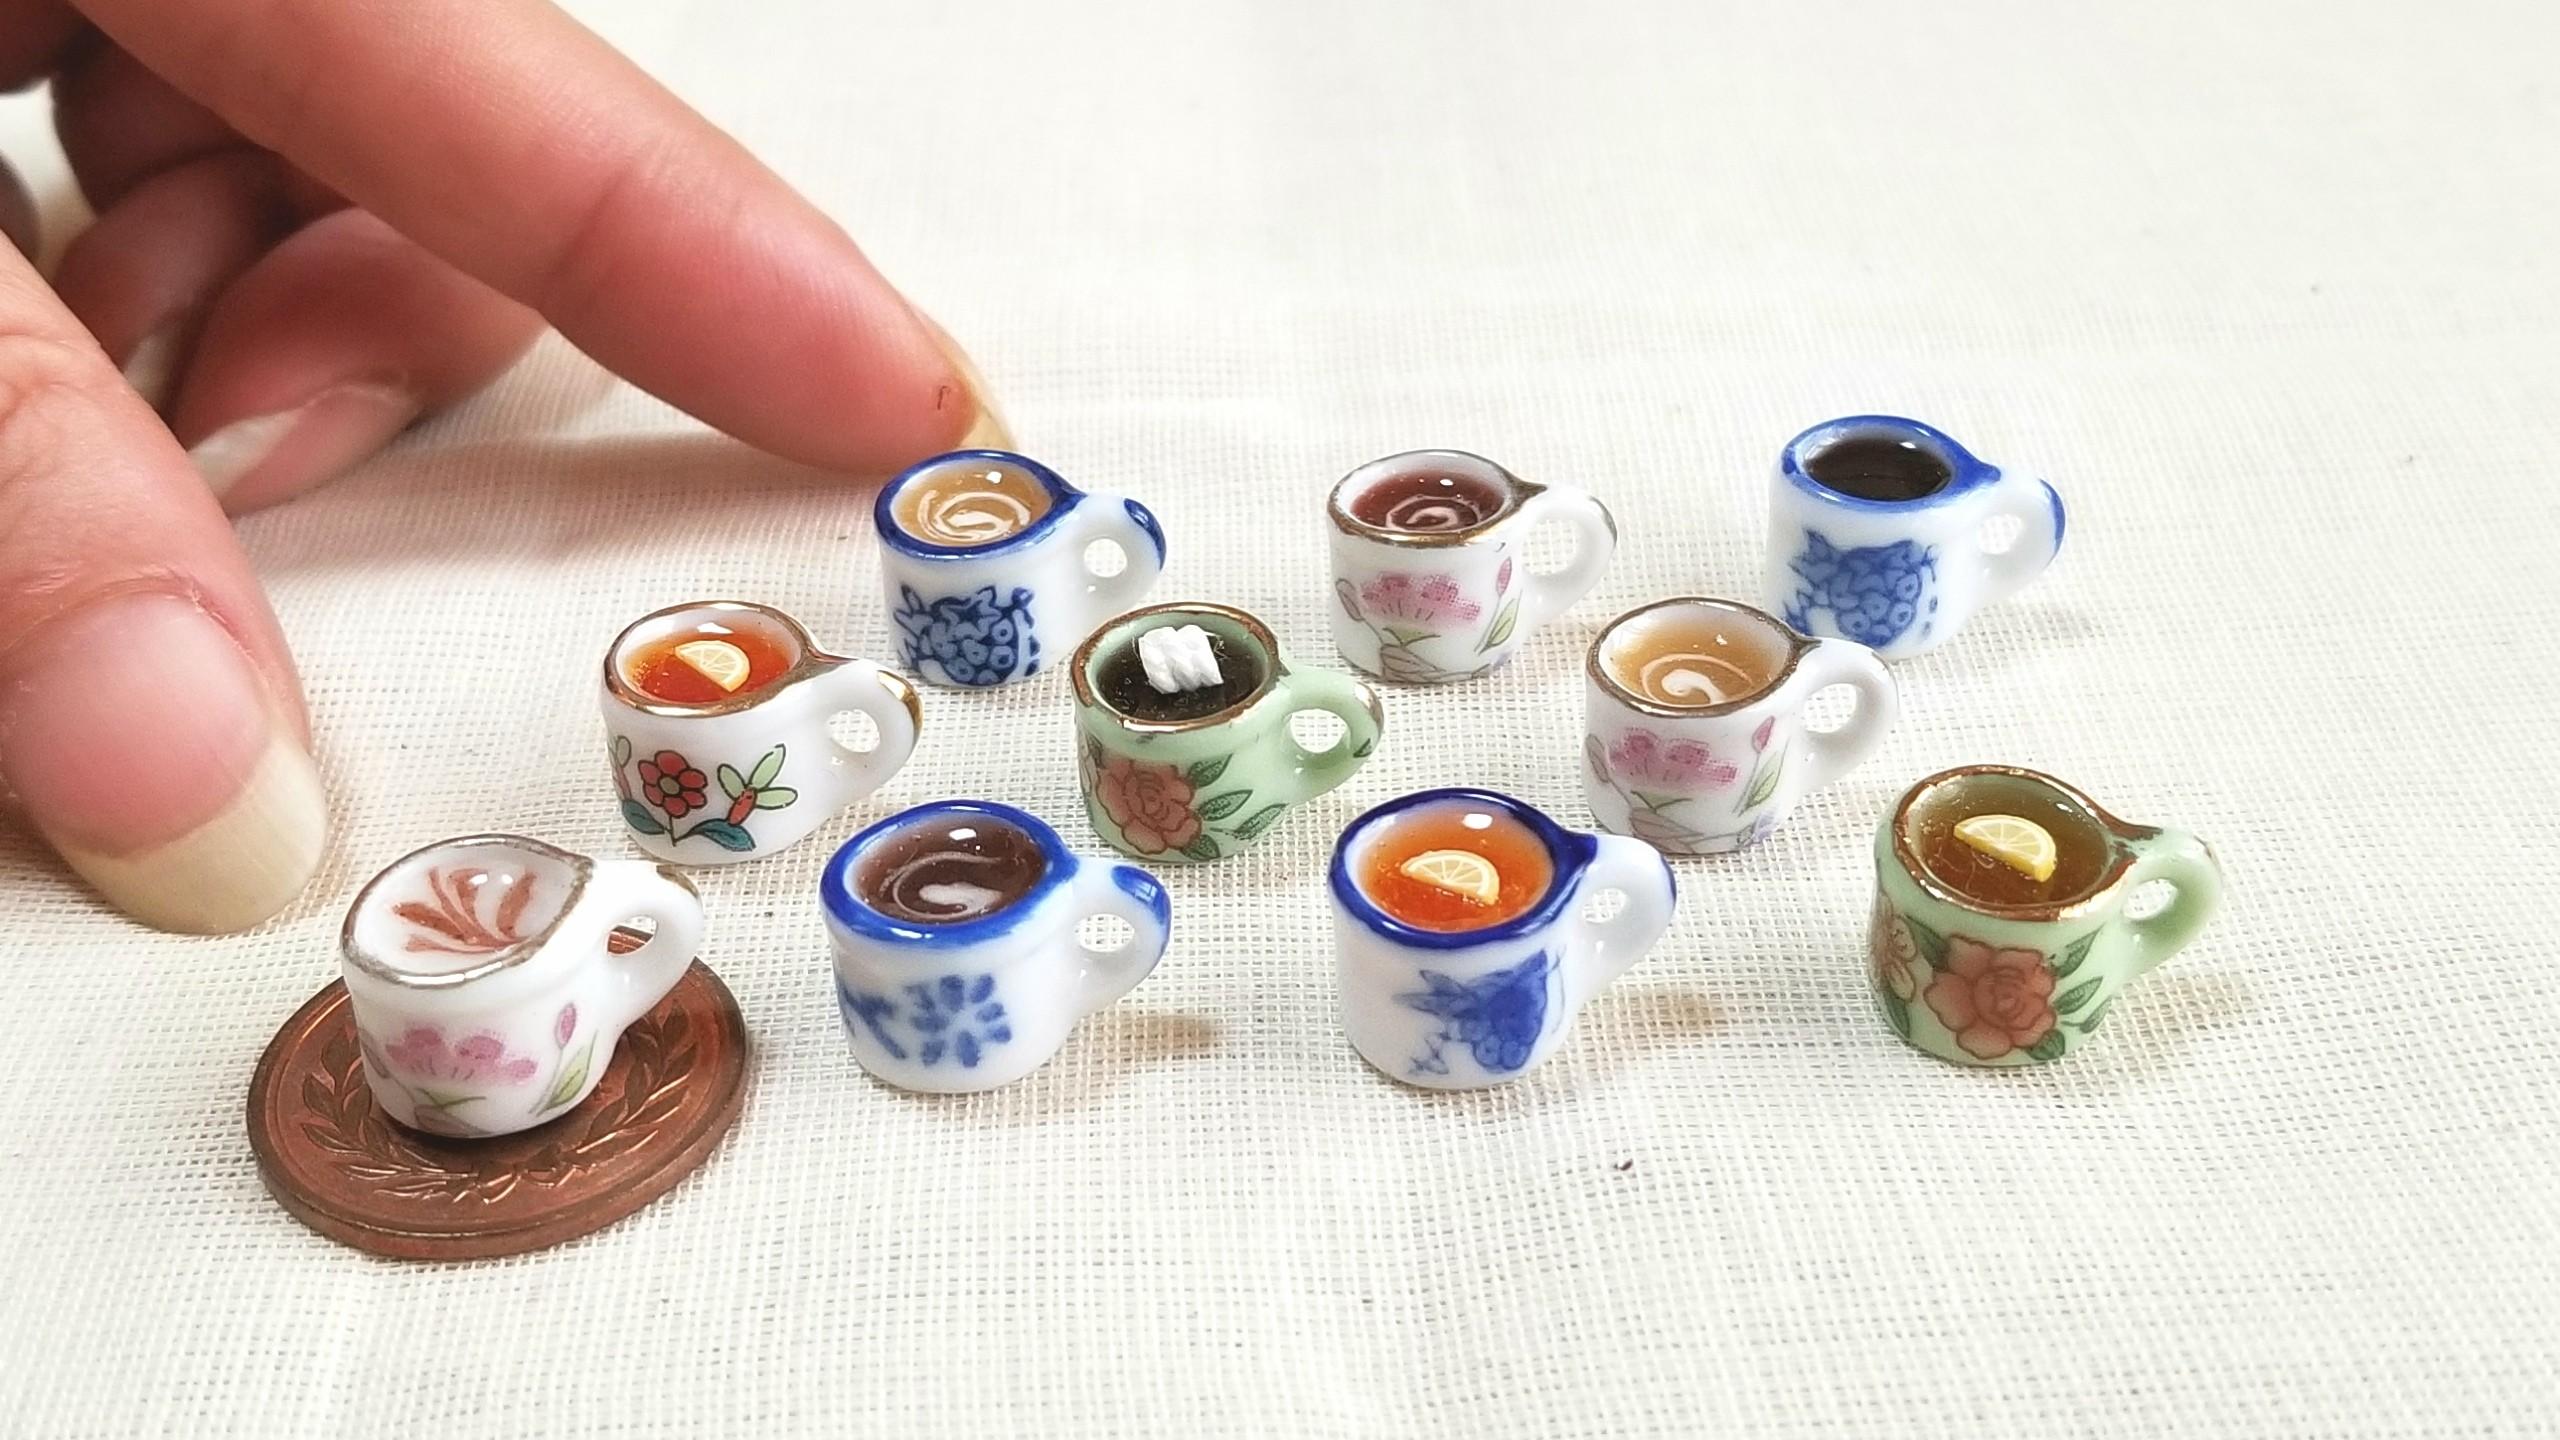 ミニチュア,陶器のティーカップ,レジン,ドリンク,ジュース,ミンネ